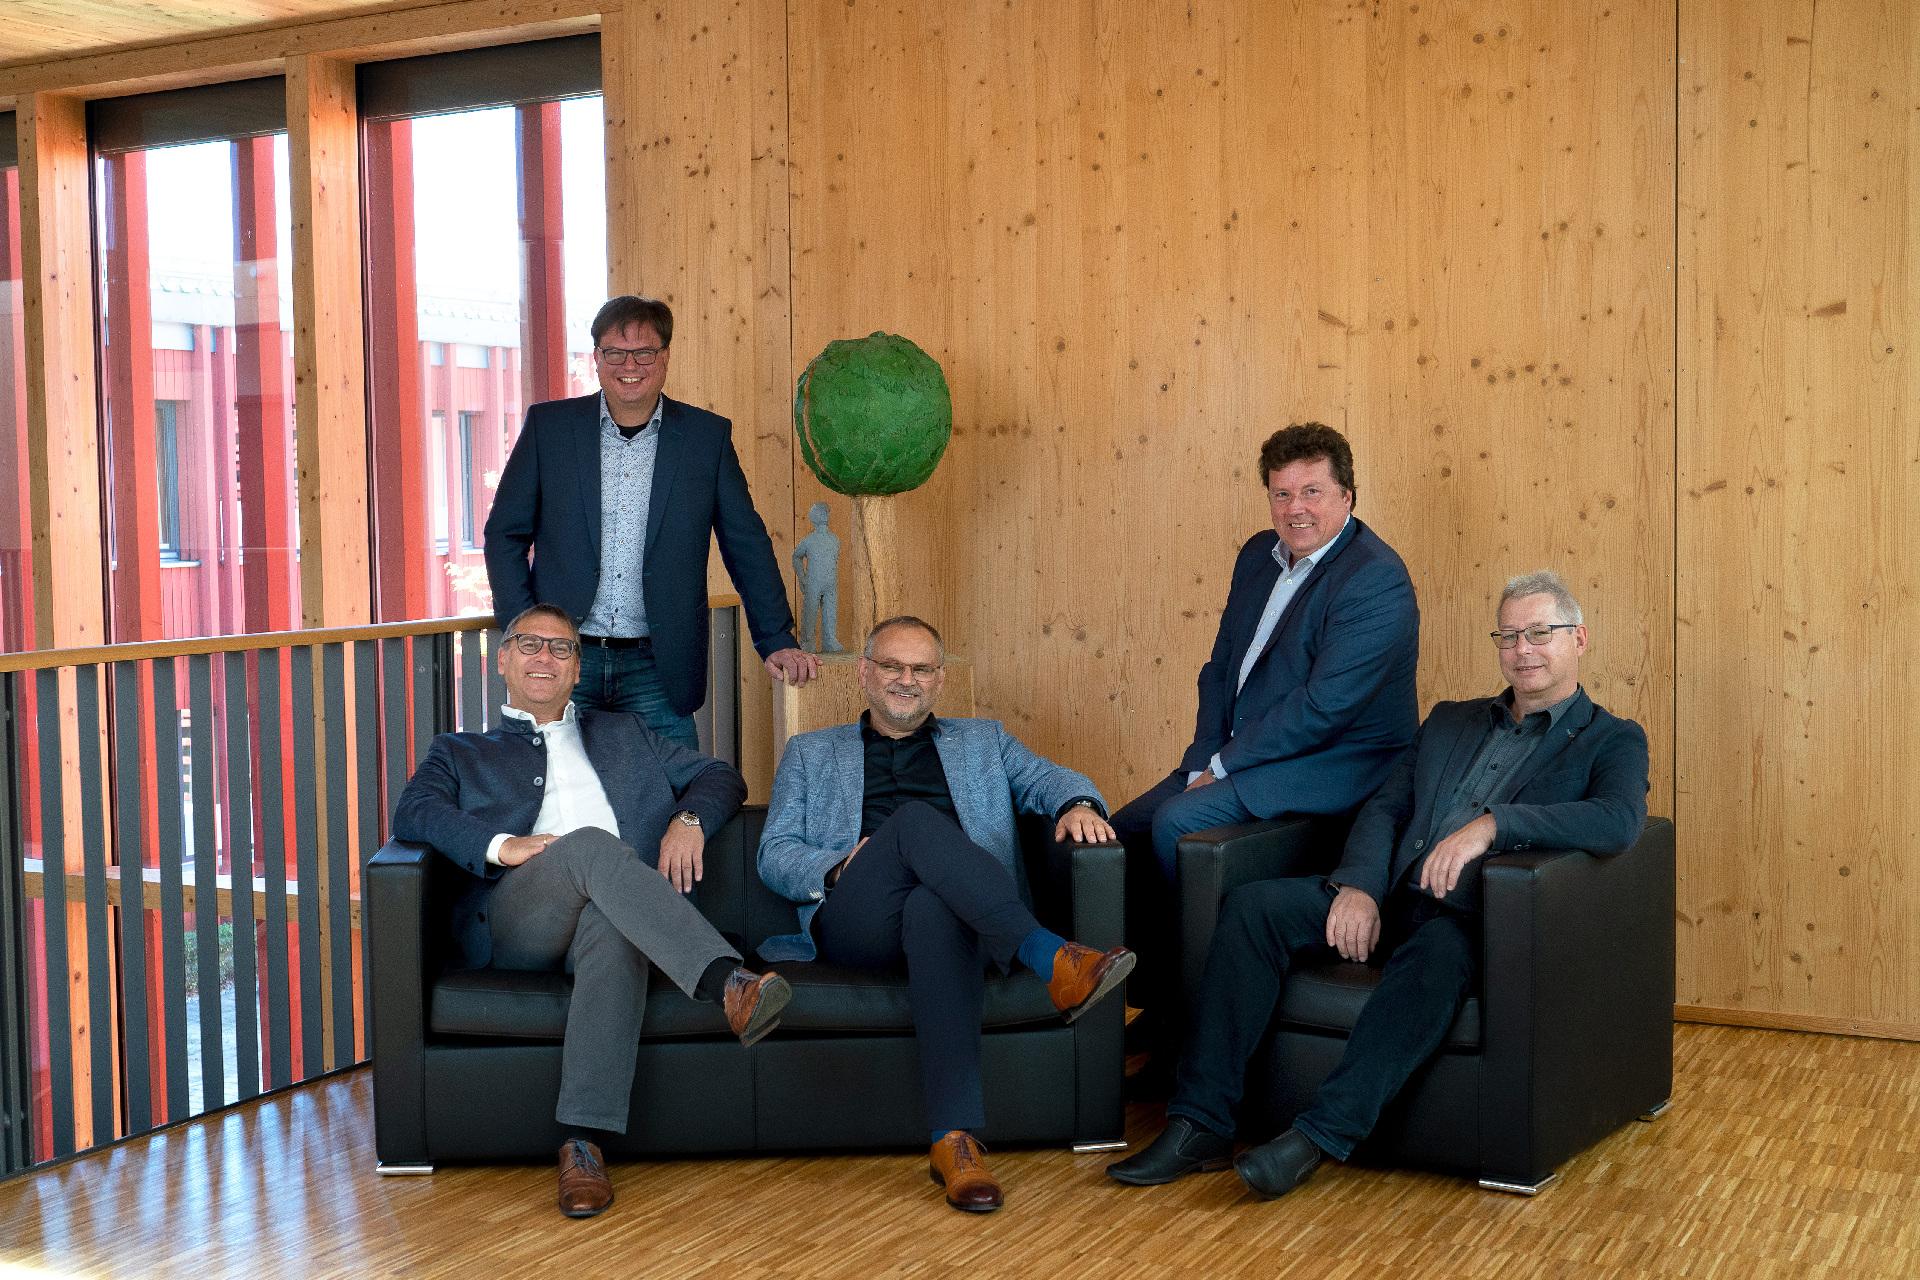 Wechsel in der Führungsebene des Amtes für Ländliche Entwicklung Oberpfalz